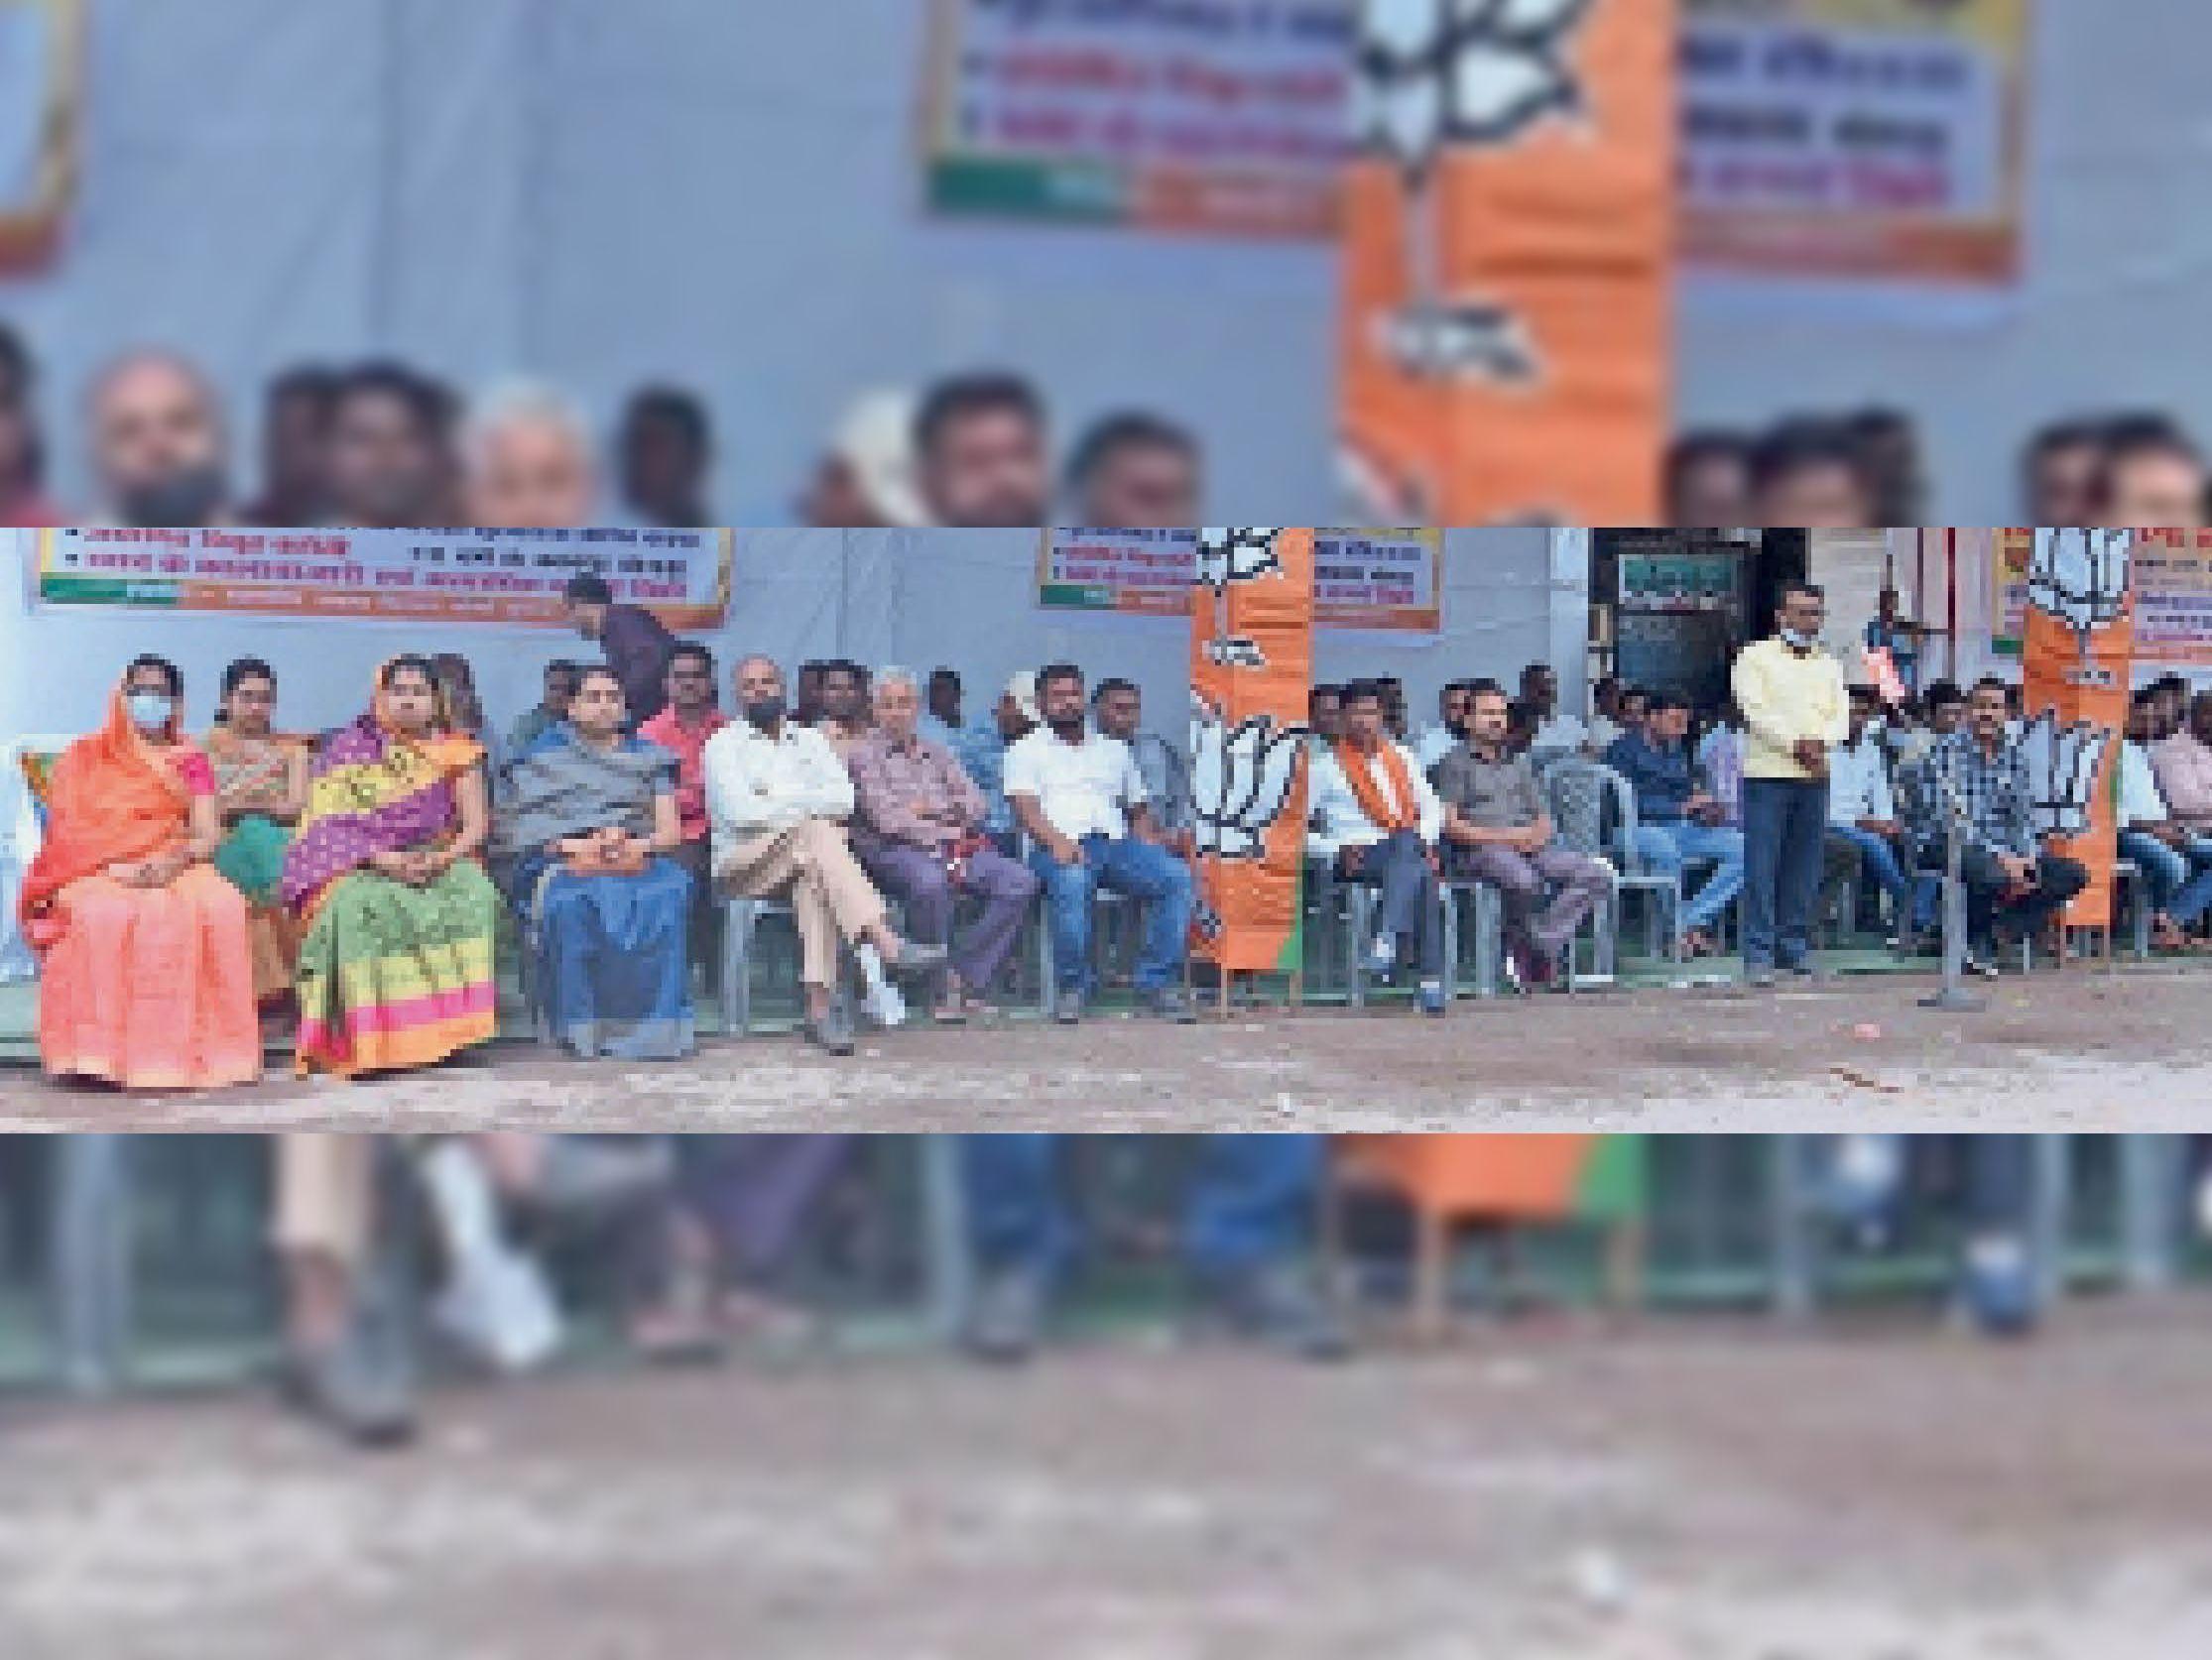 कारगिल चौक पर भाजपाइयों ने धरना देकर सरकार के खिलाफ किया विरोध प्रदर्शन। - Dainik Bhaskar